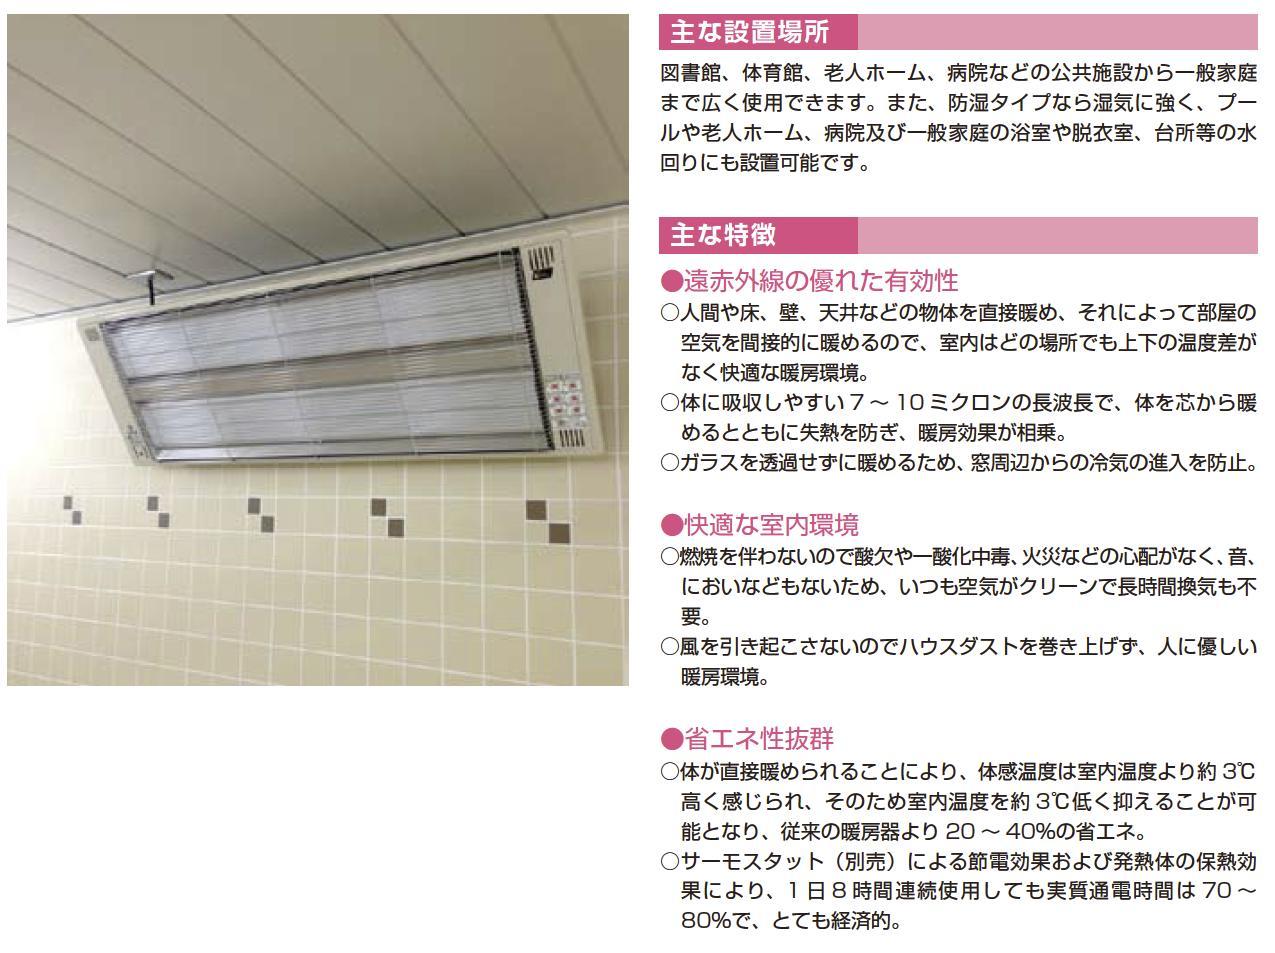 【インターセントラル】サンヒート輻射式遠赤外線ヒーターESシリーズ壁付・壁埋込タイプスチール製/粉体塗装仕上サーモスタット別売防護ガード付200V/0.8kwES-802A